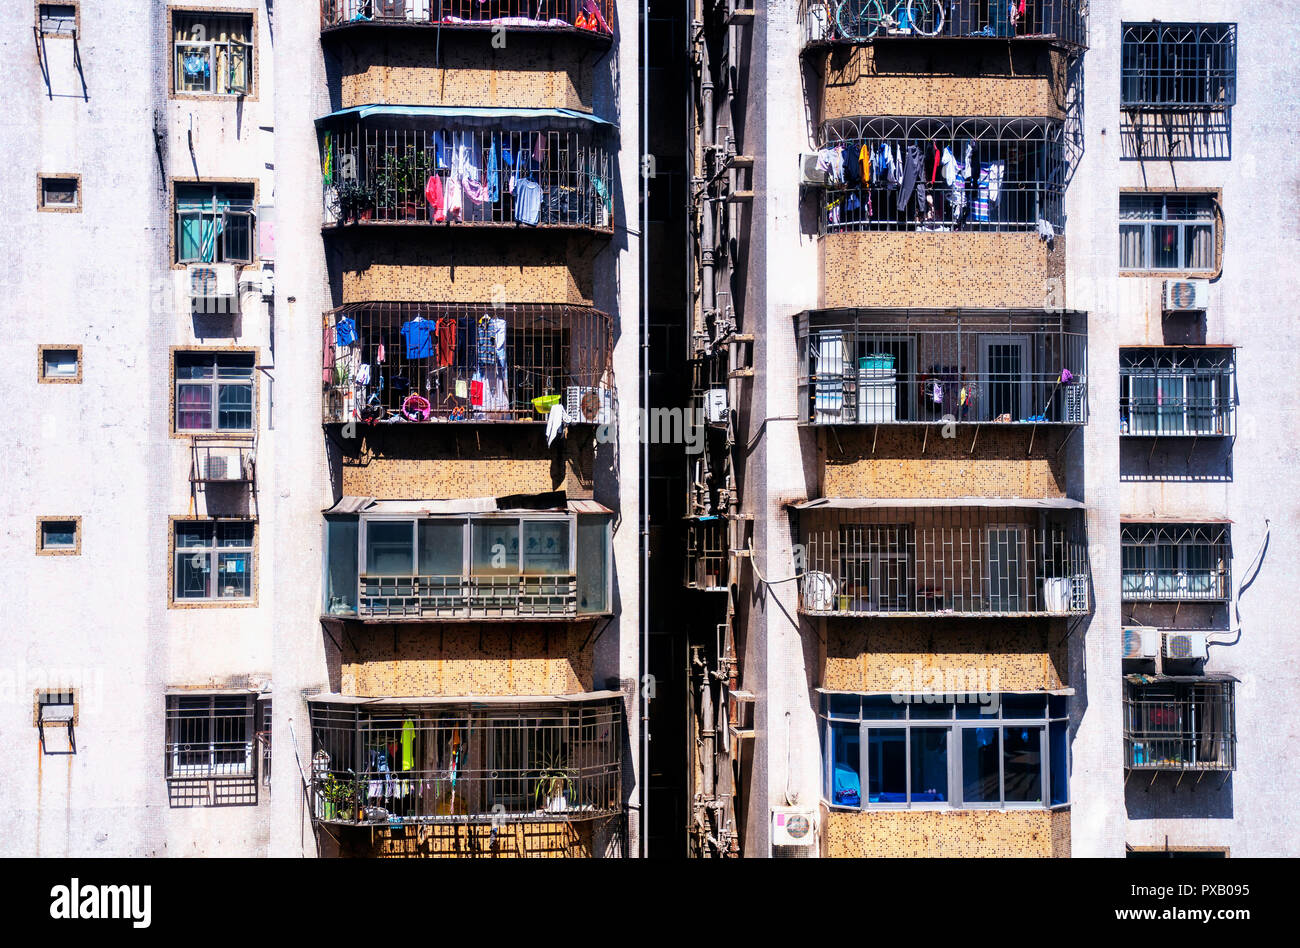 Una imagen ampliada de apartamento buildingsand colgando ropa en el distrito de Luohu, en la ciudad de Shenzhen, China. Imagen De Stock